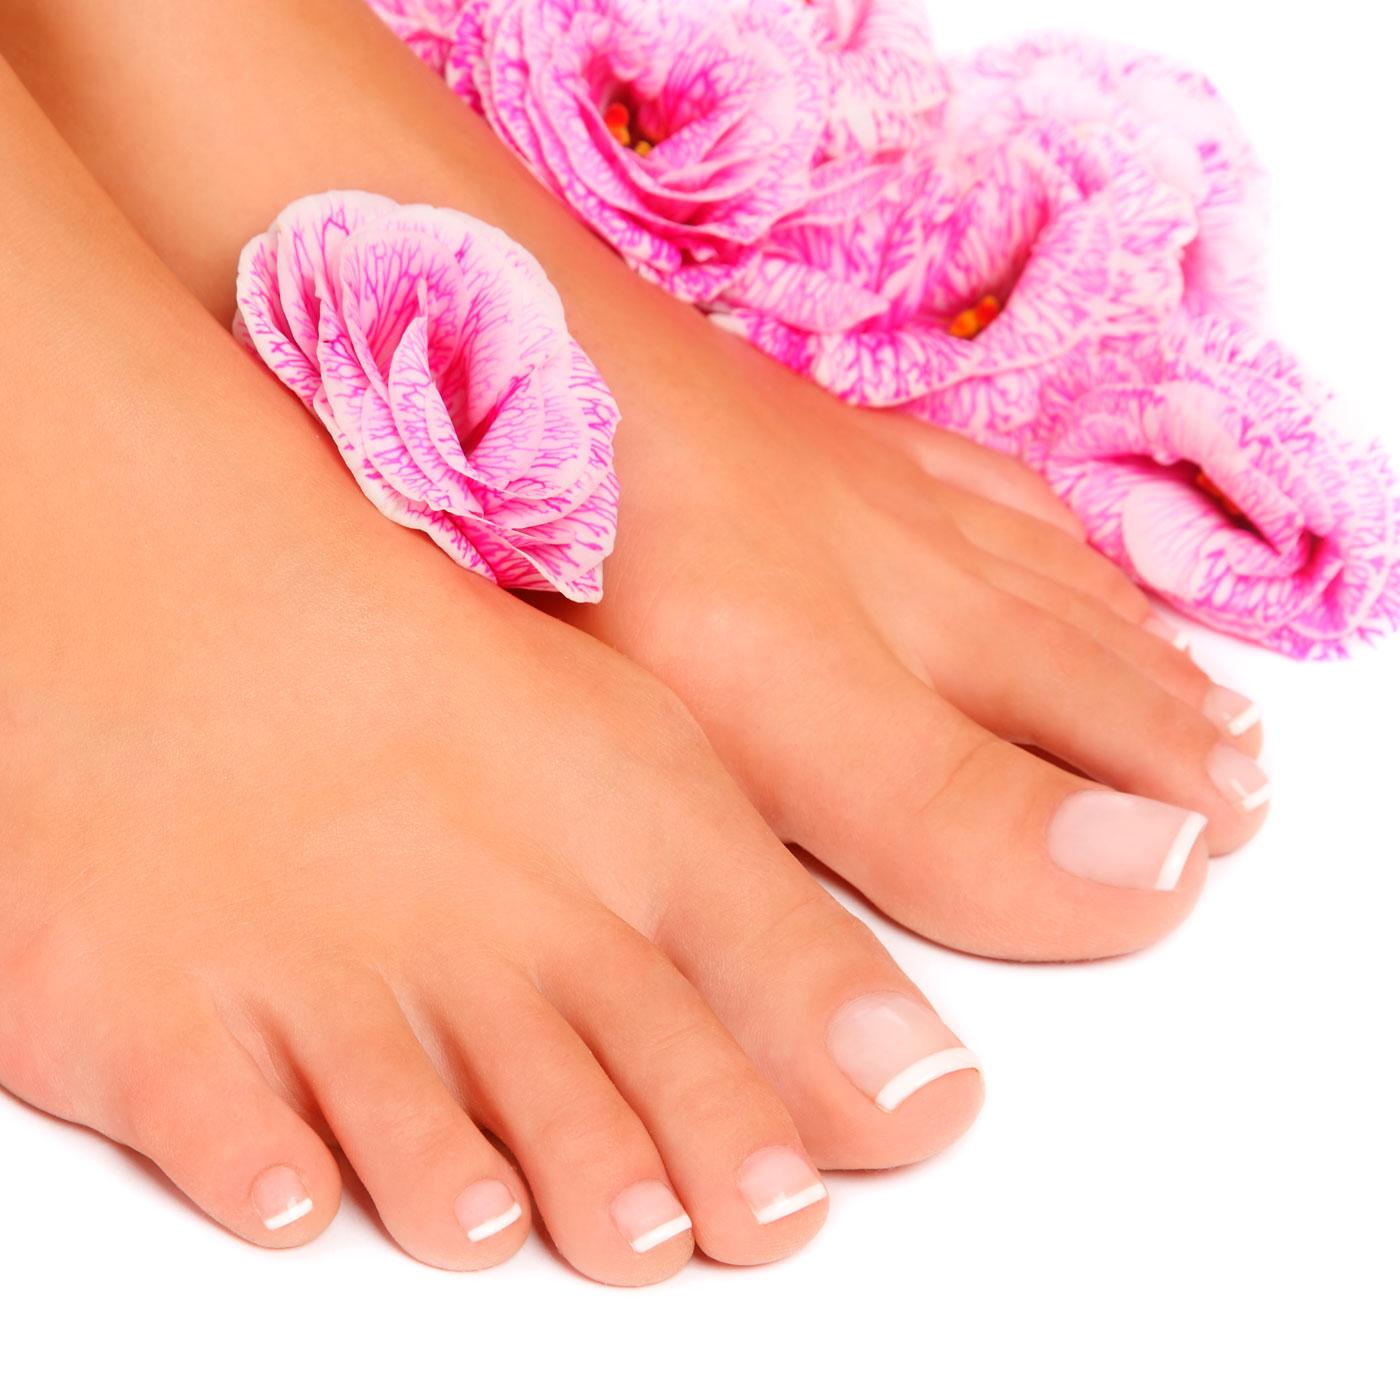 General Foot Care